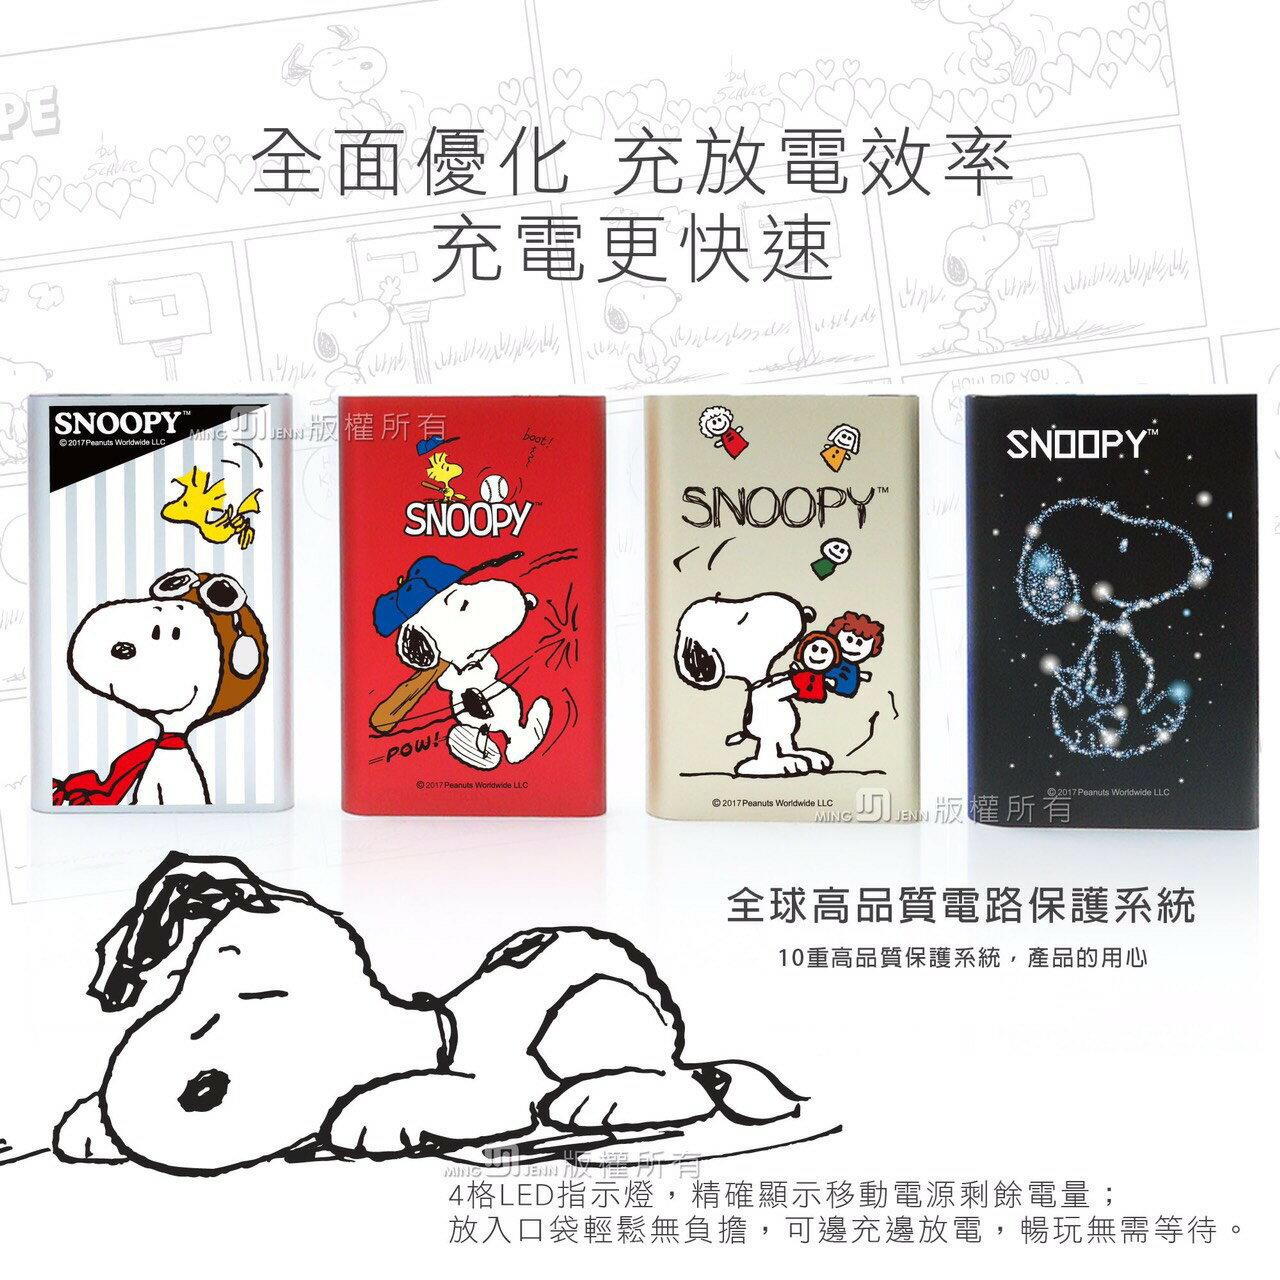 正版 Snoopy 史奴比 行動電源 四種款式 隨身充 小巧便攜 方便充電 不怕手機沒電